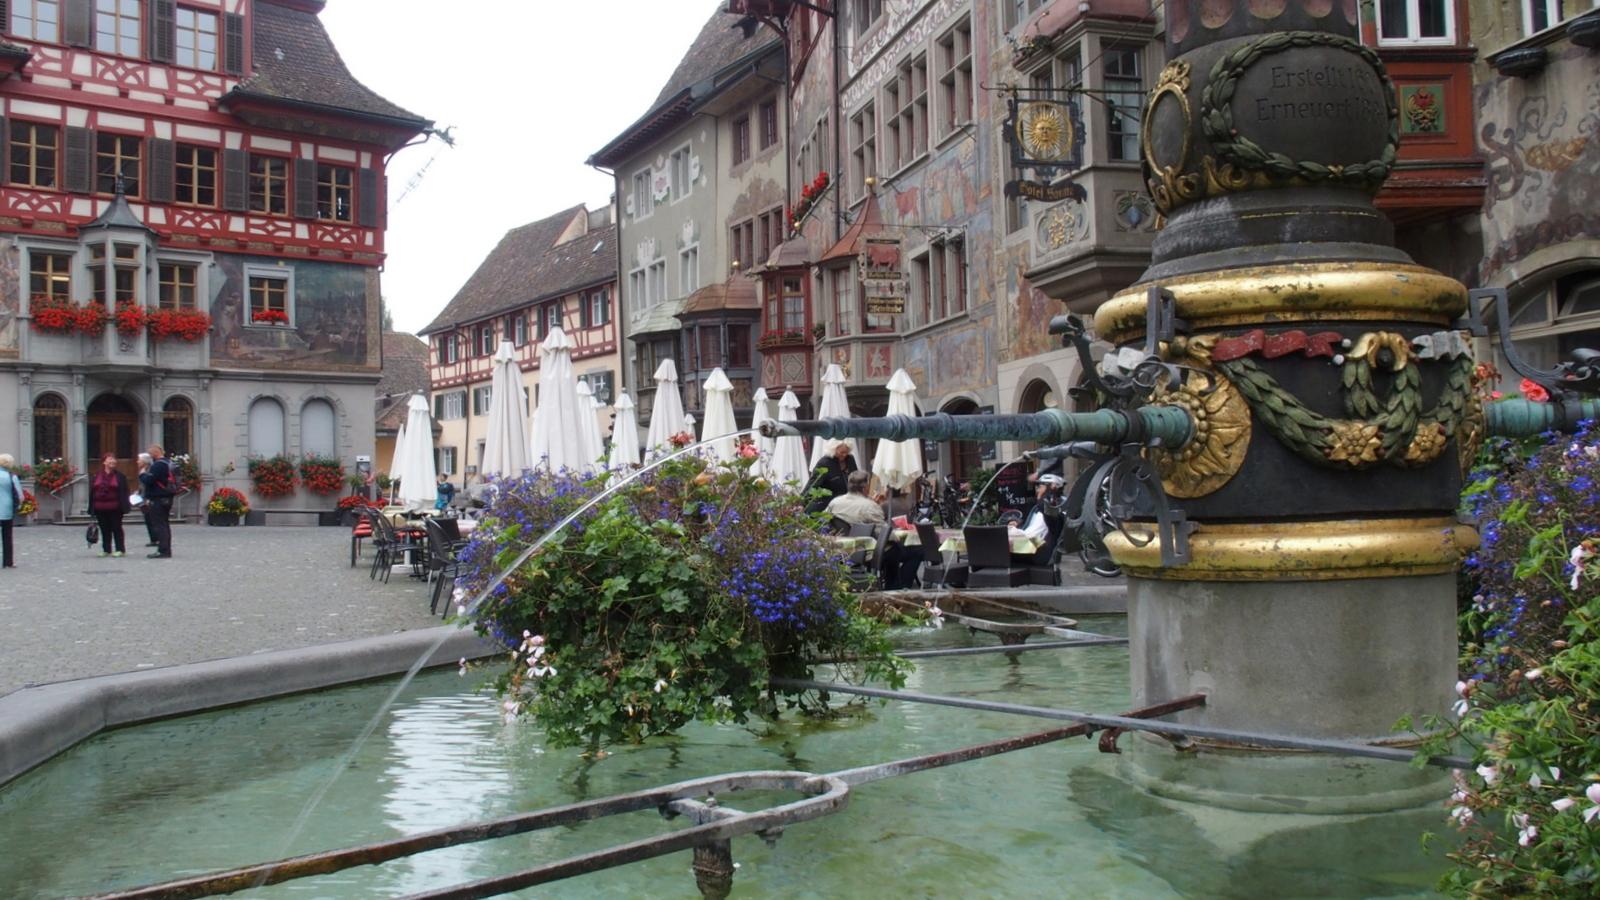 Stilleben in Stein am Rhein